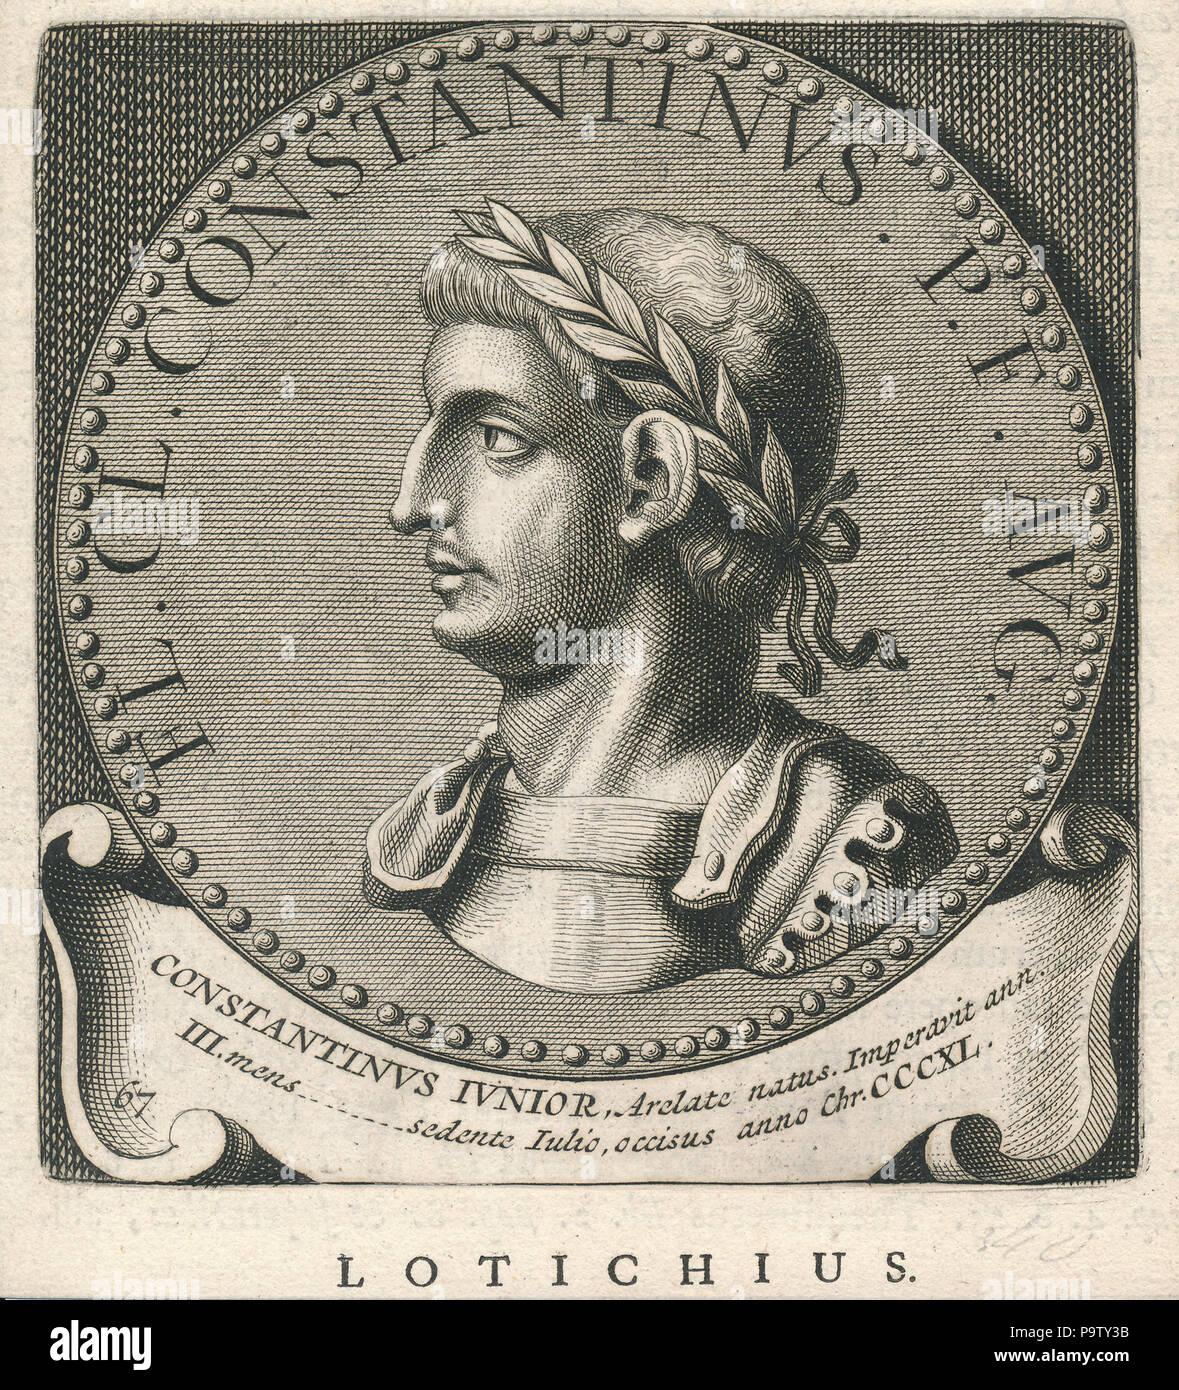 346 Constantinus IV Erfgoedcentrum Rozet 300 191 d 6 C (90) 20171115 0001 - Stock Image